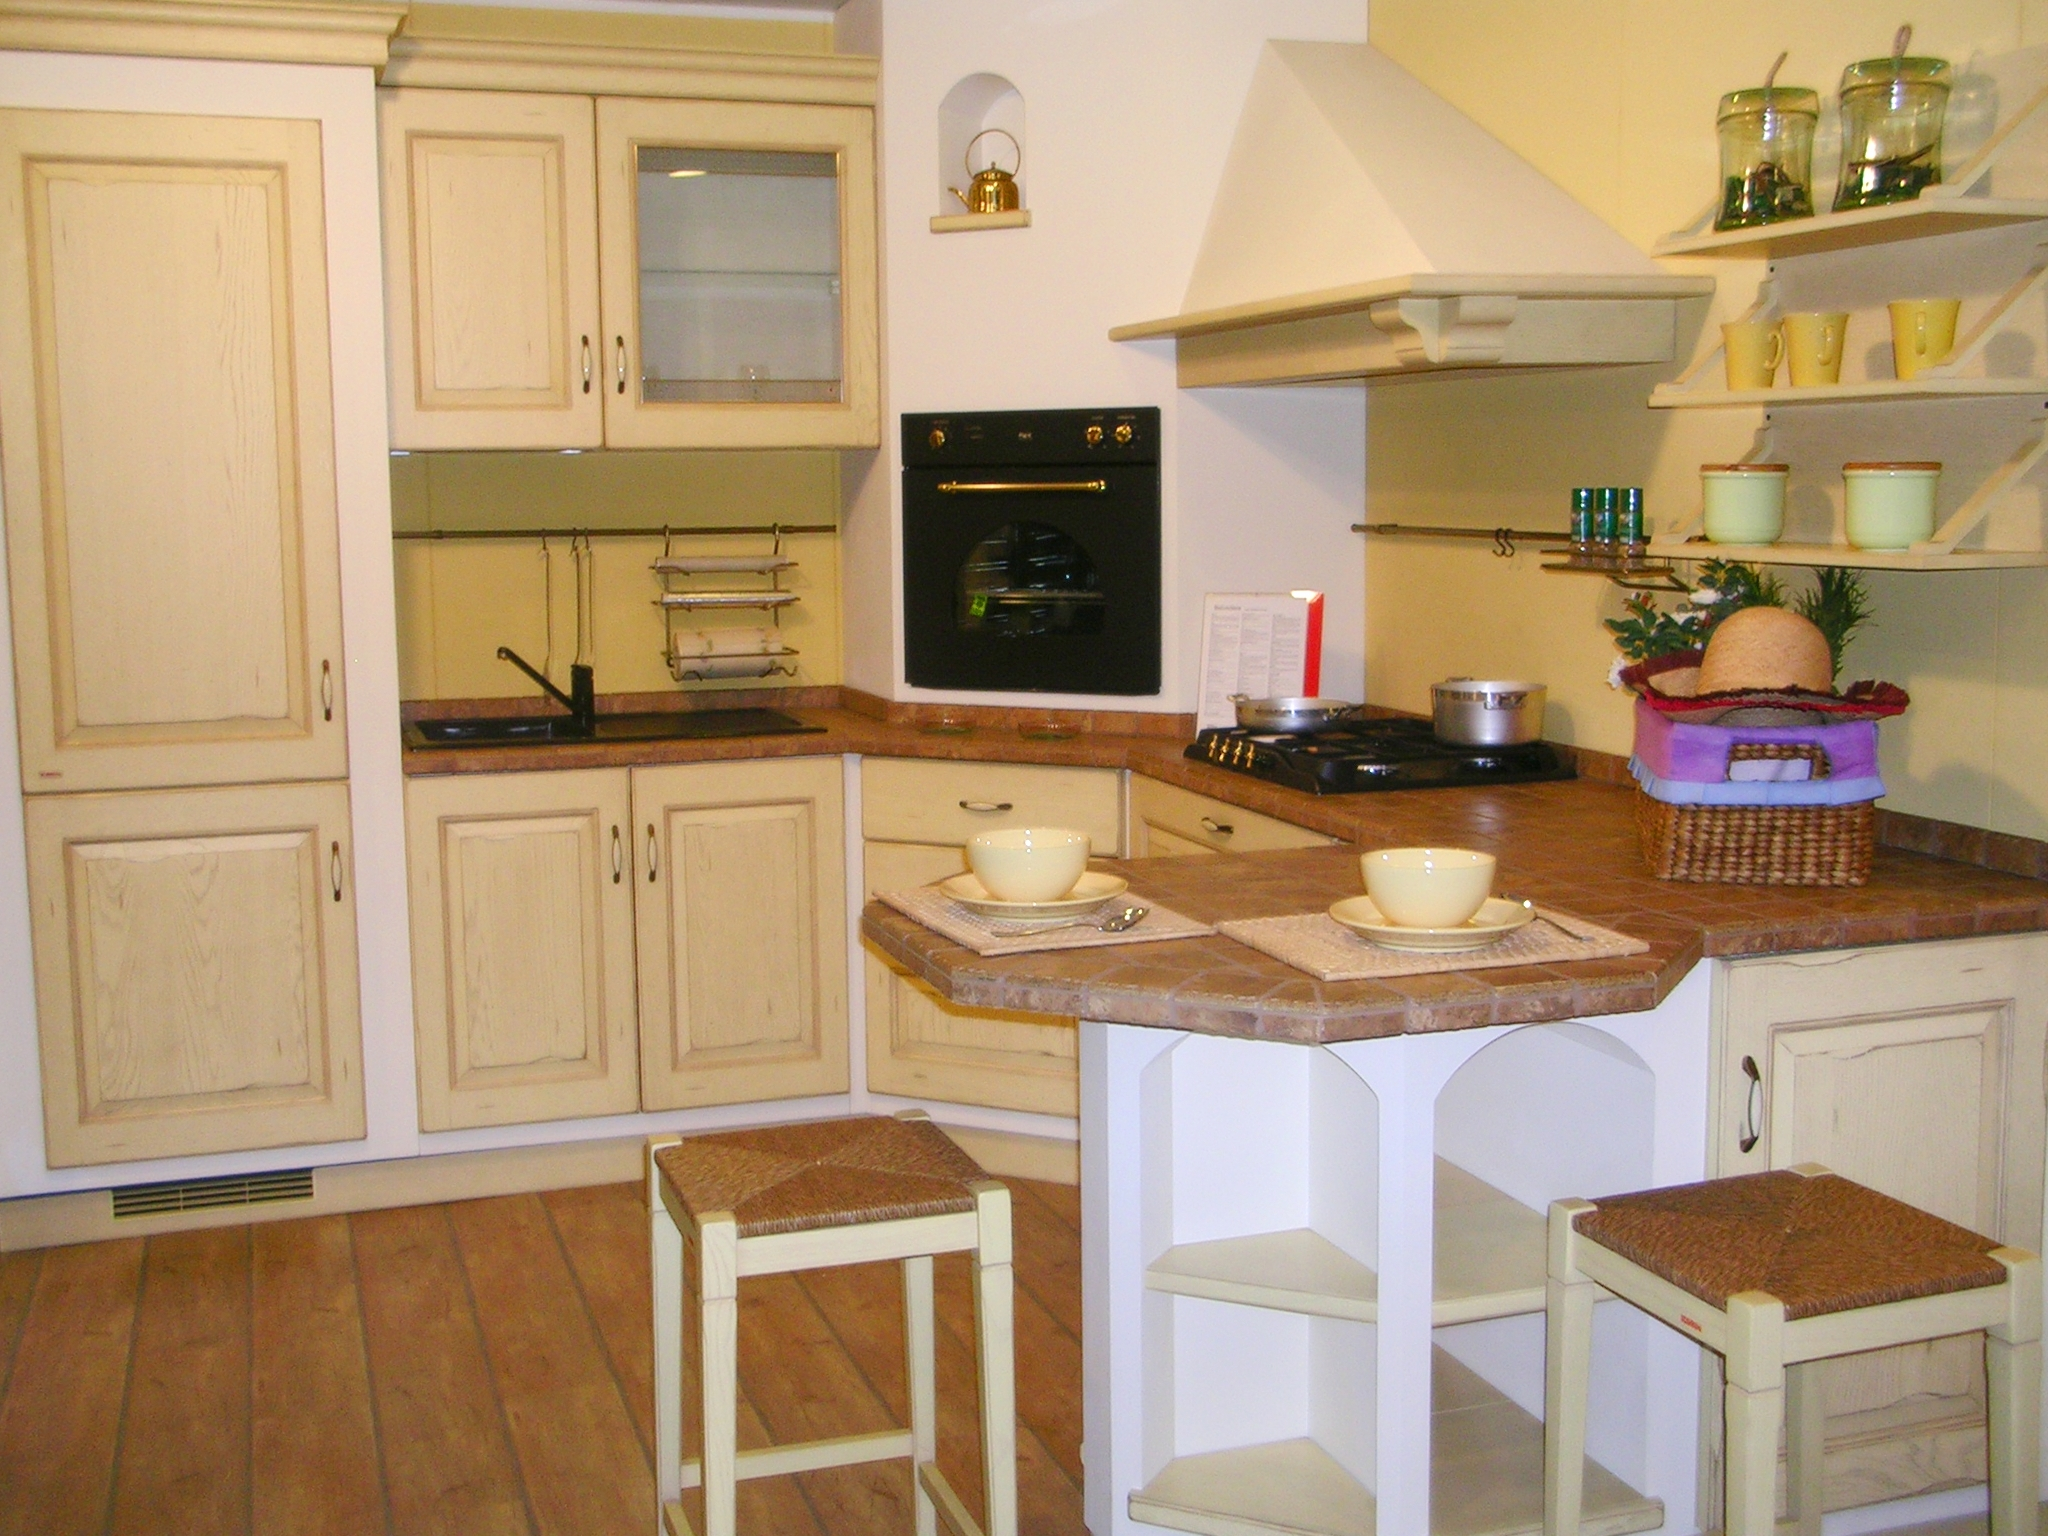 Scavolini belvedere gialla 14523 cucine a prezzi scontati - Cucine scavolini country ...